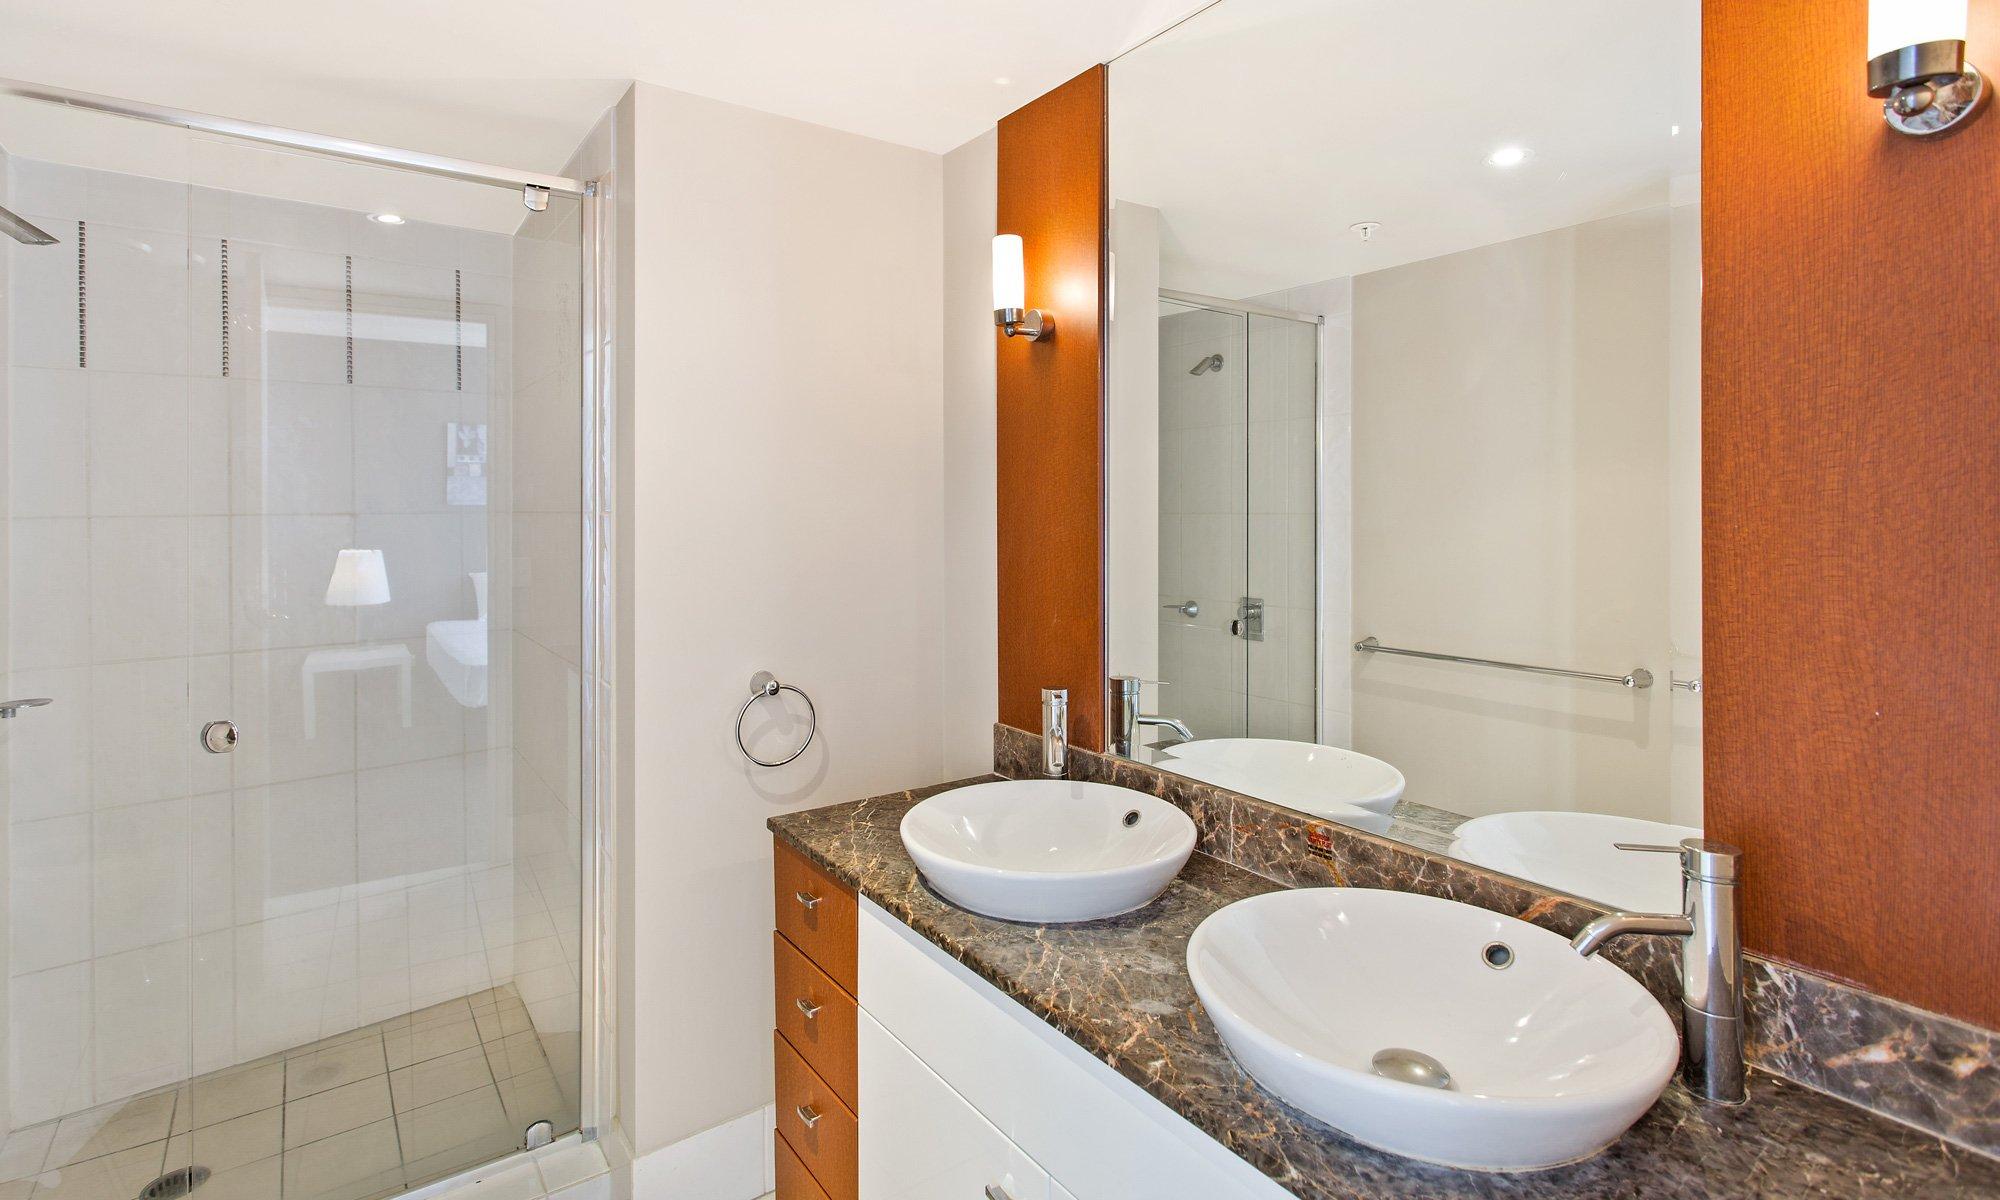 Gold Coast Real Estate for rent Chevron Renaissance 2234 ensuite